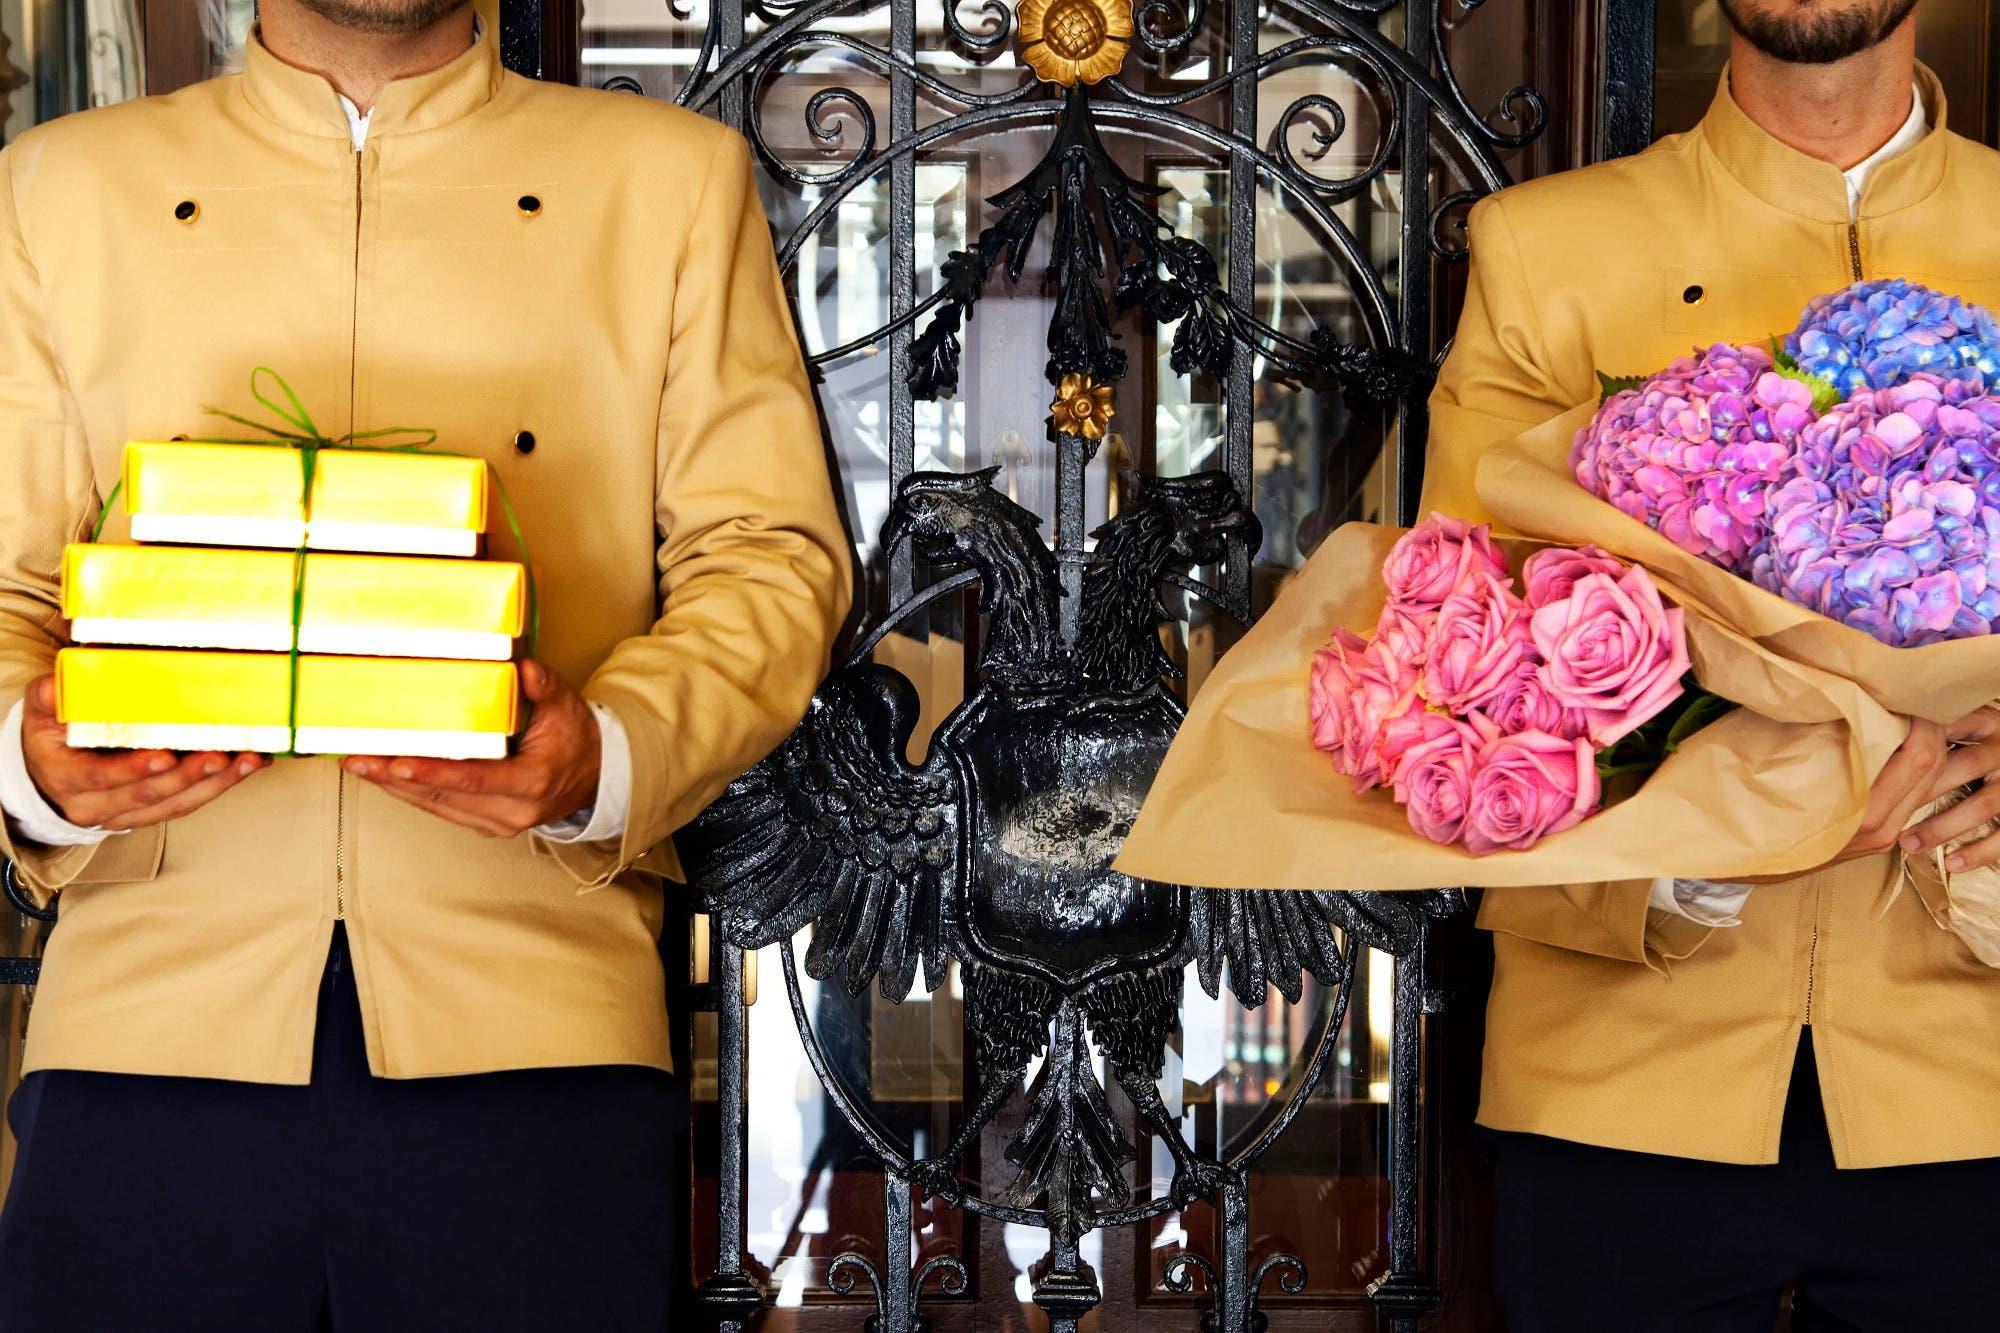 Qué hacen los hoteles ante el auge del alquiler temporario